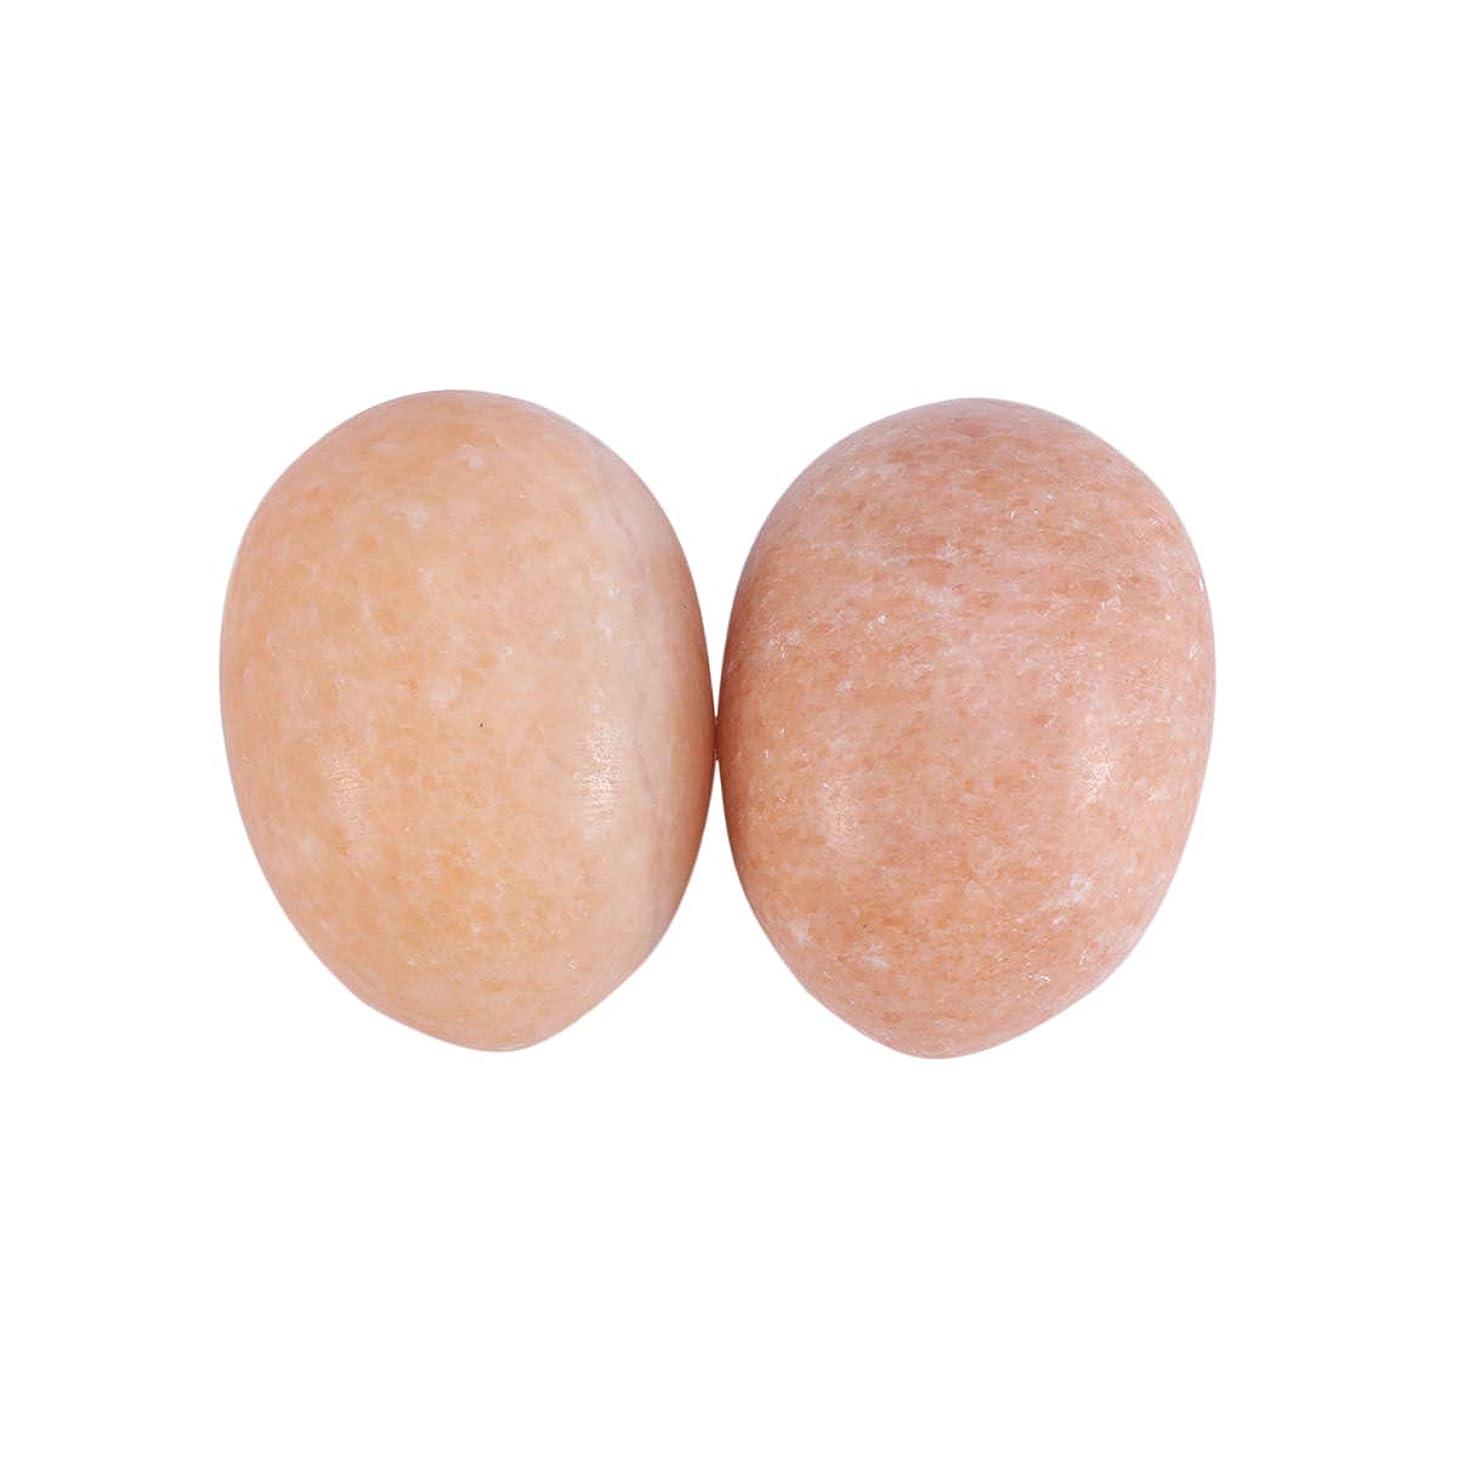 広告する母外交Healifty 妊娠中の女性のためのマッサージボール6個玉ヨニ卵骨盤底筋マッサージ運動膣締め付けボールヘルスケア(サンセットレッド)